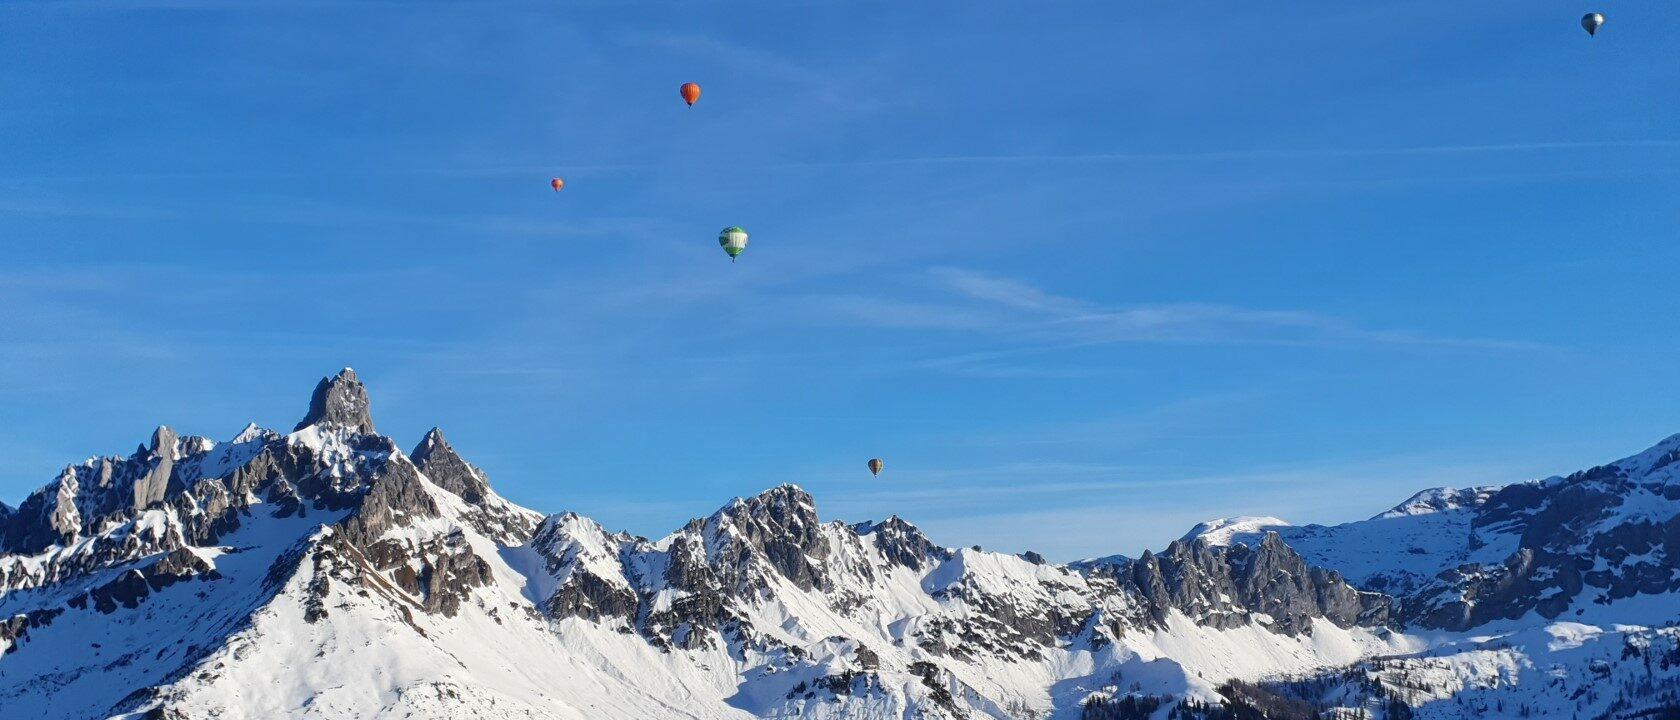 Balloonfahrt in den Alpen